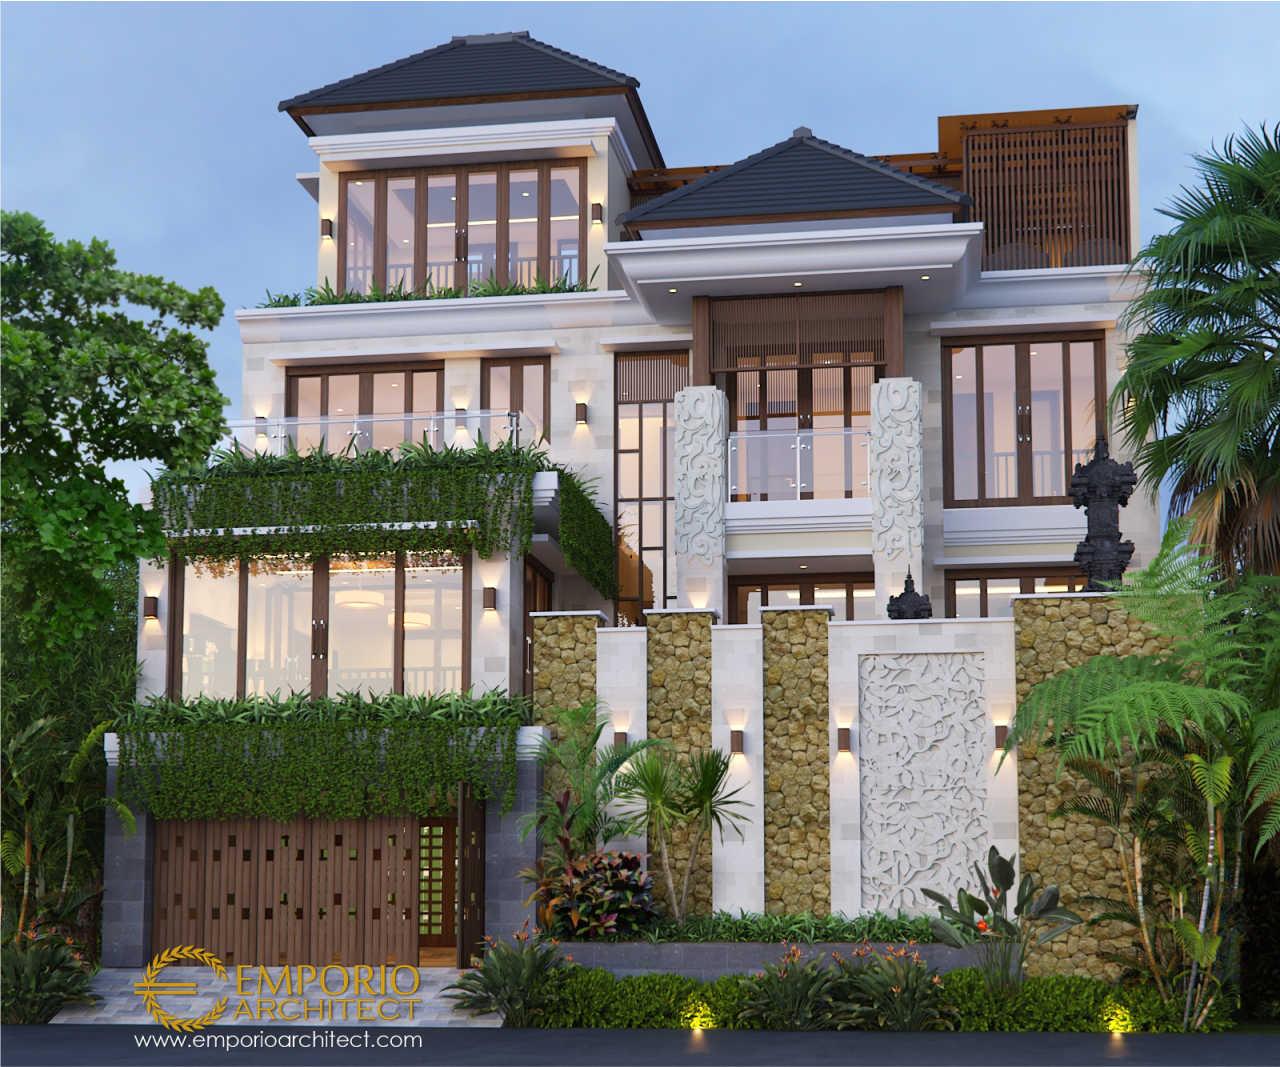 Desain Rumah Tinggal Terbaik Style Villa Bali Tropis di Bali 2